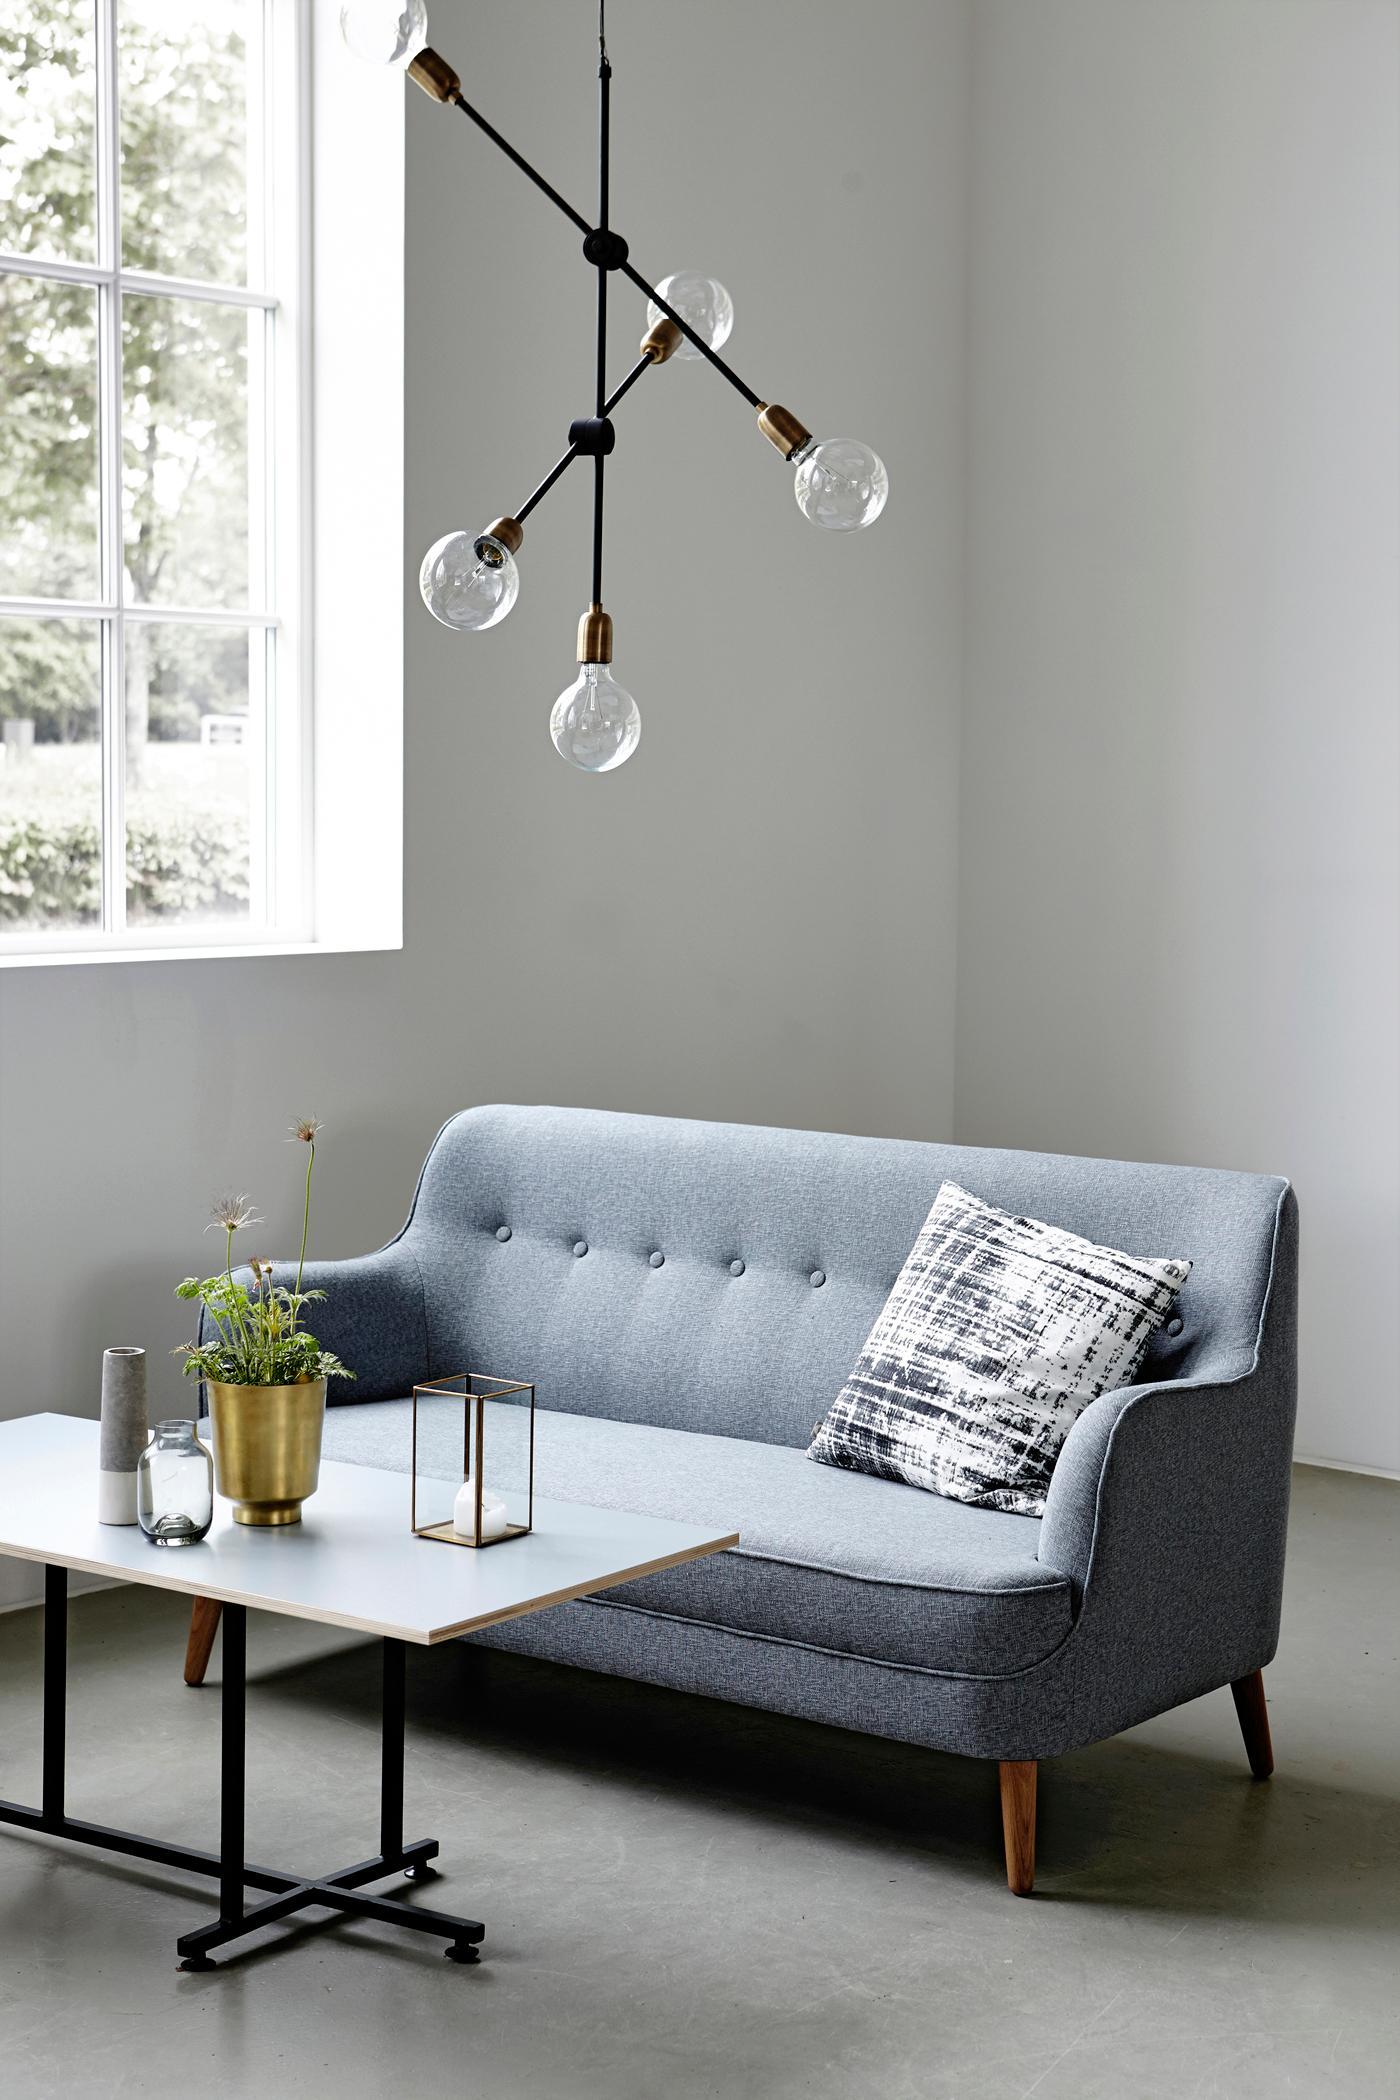 au ergew hnlich bilder ideen couch. Black Bedroom Furniture Sets. Home Design Ideas